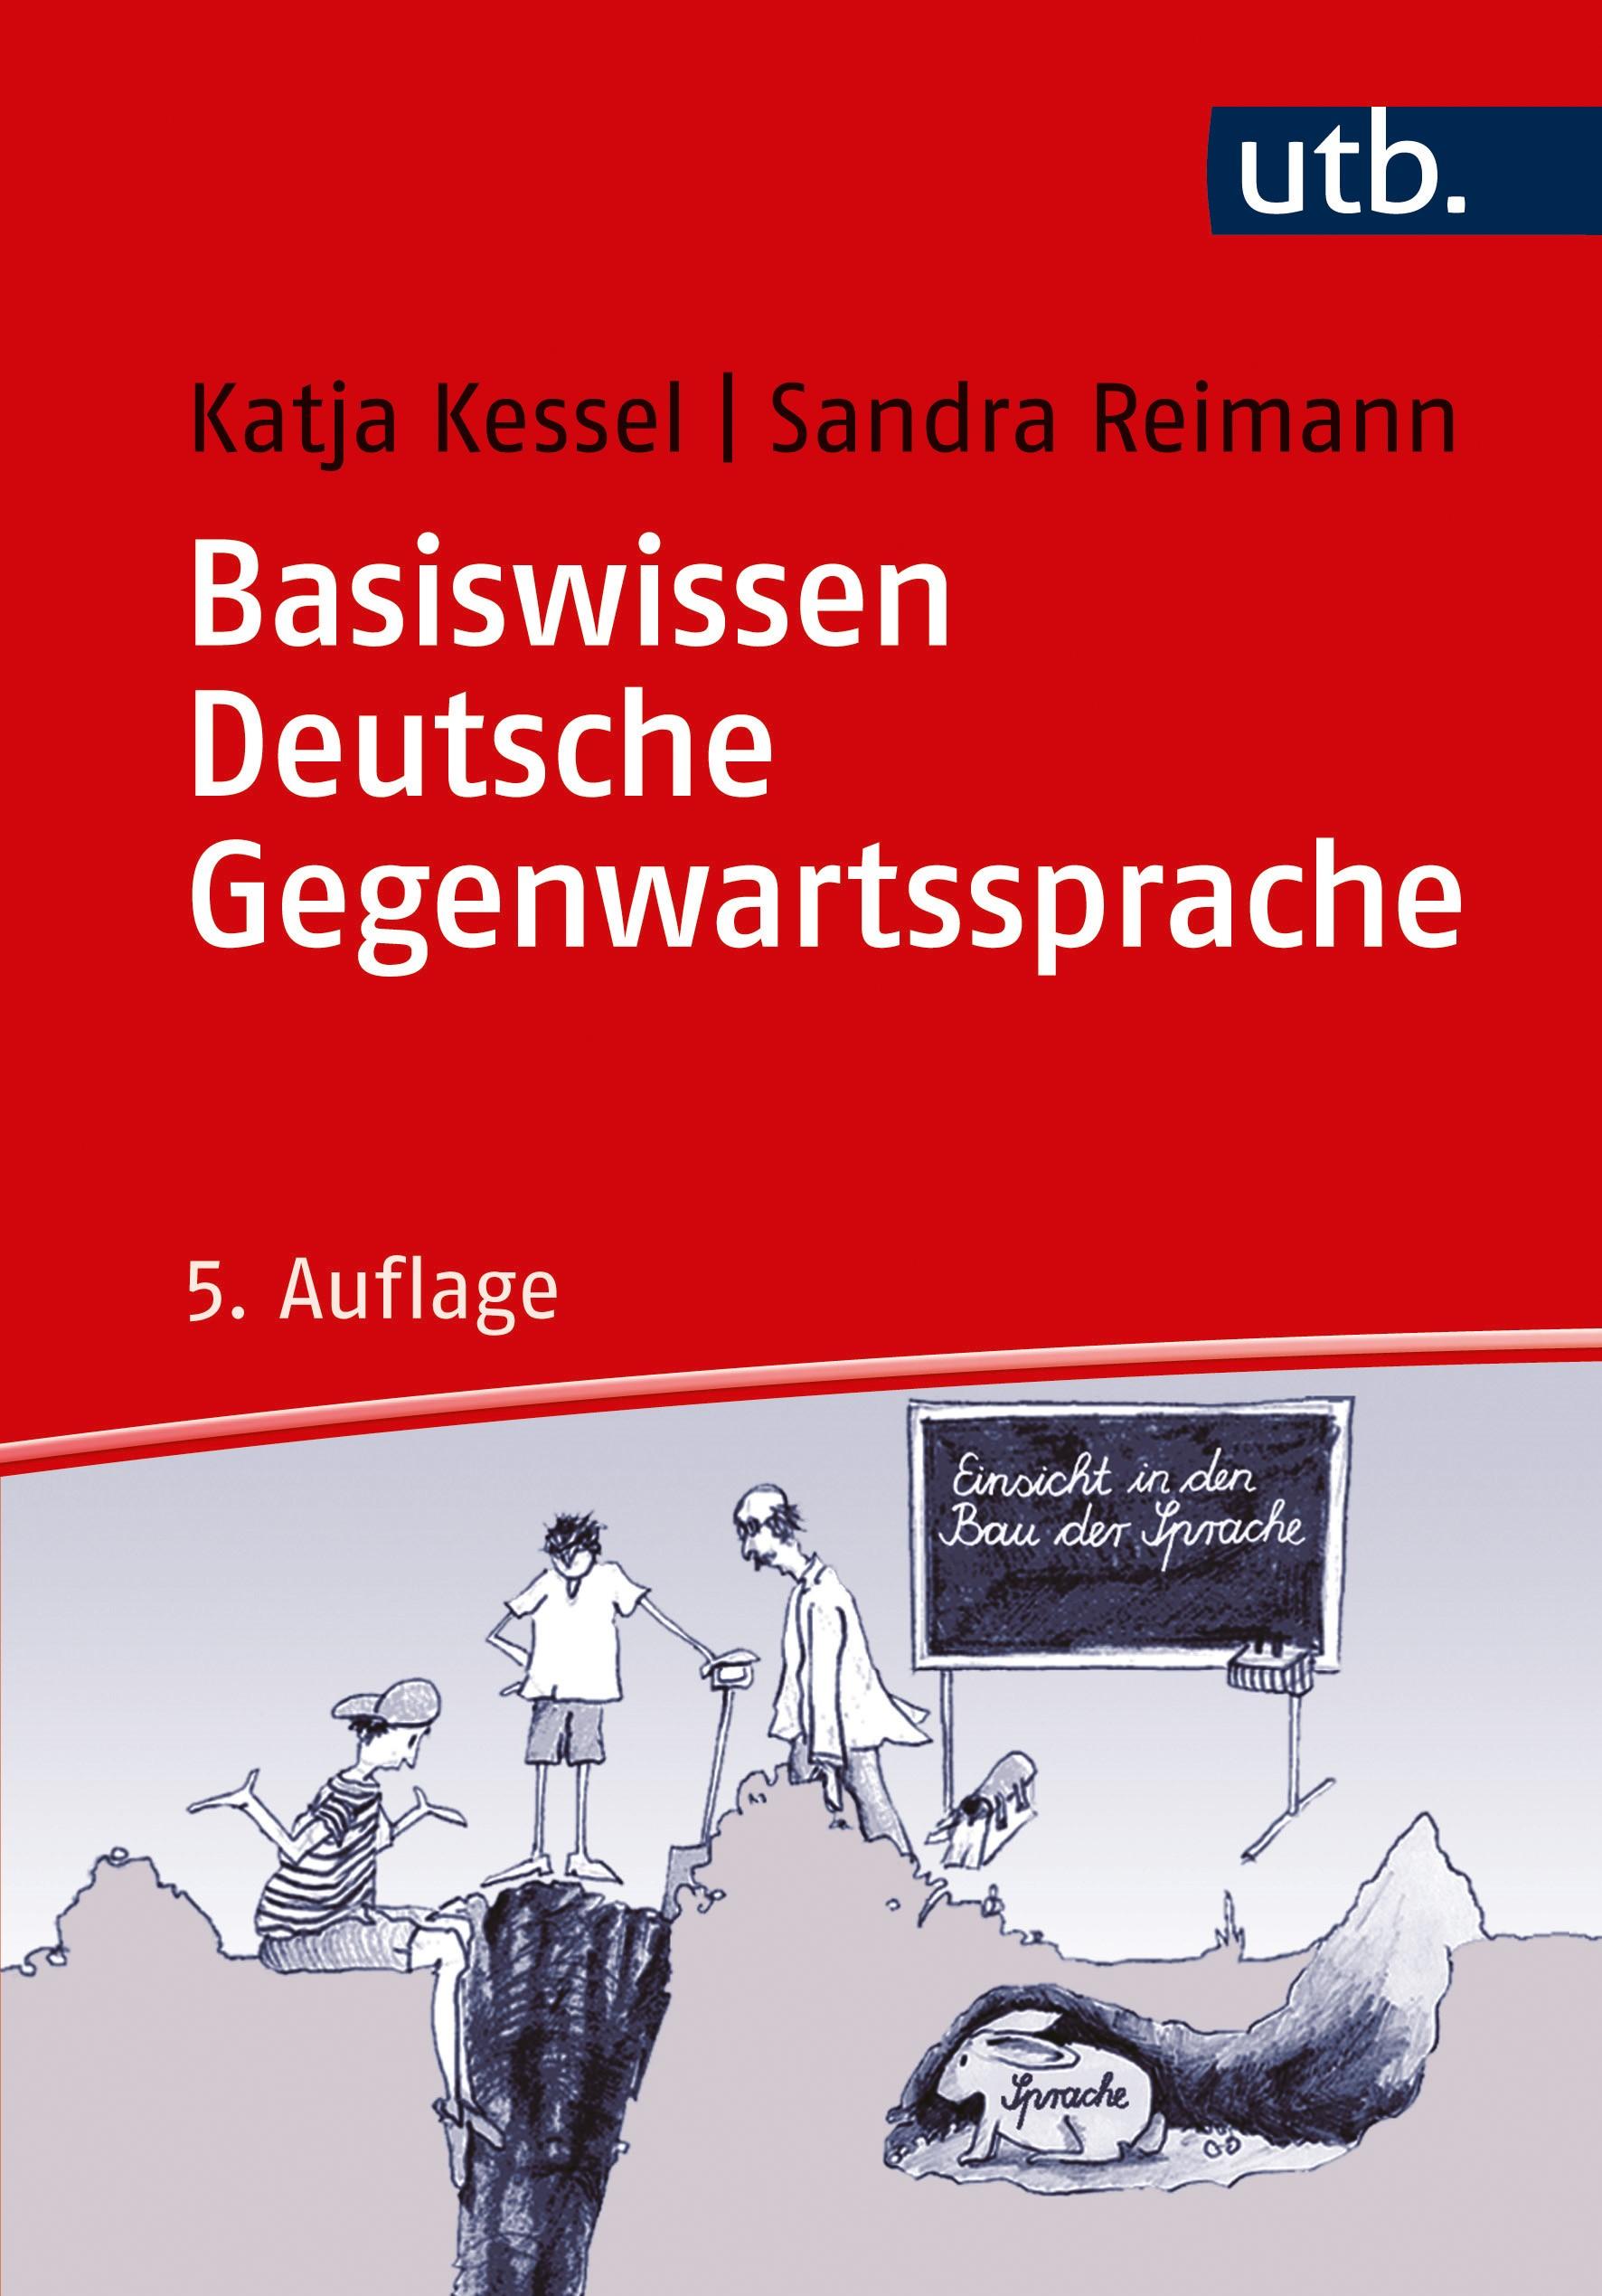 Basiswissen Deutsche Gegenwartssprache | Kessel / Reimann | 5. überarbeitete Auflage, 2017 | Buch (Cover)